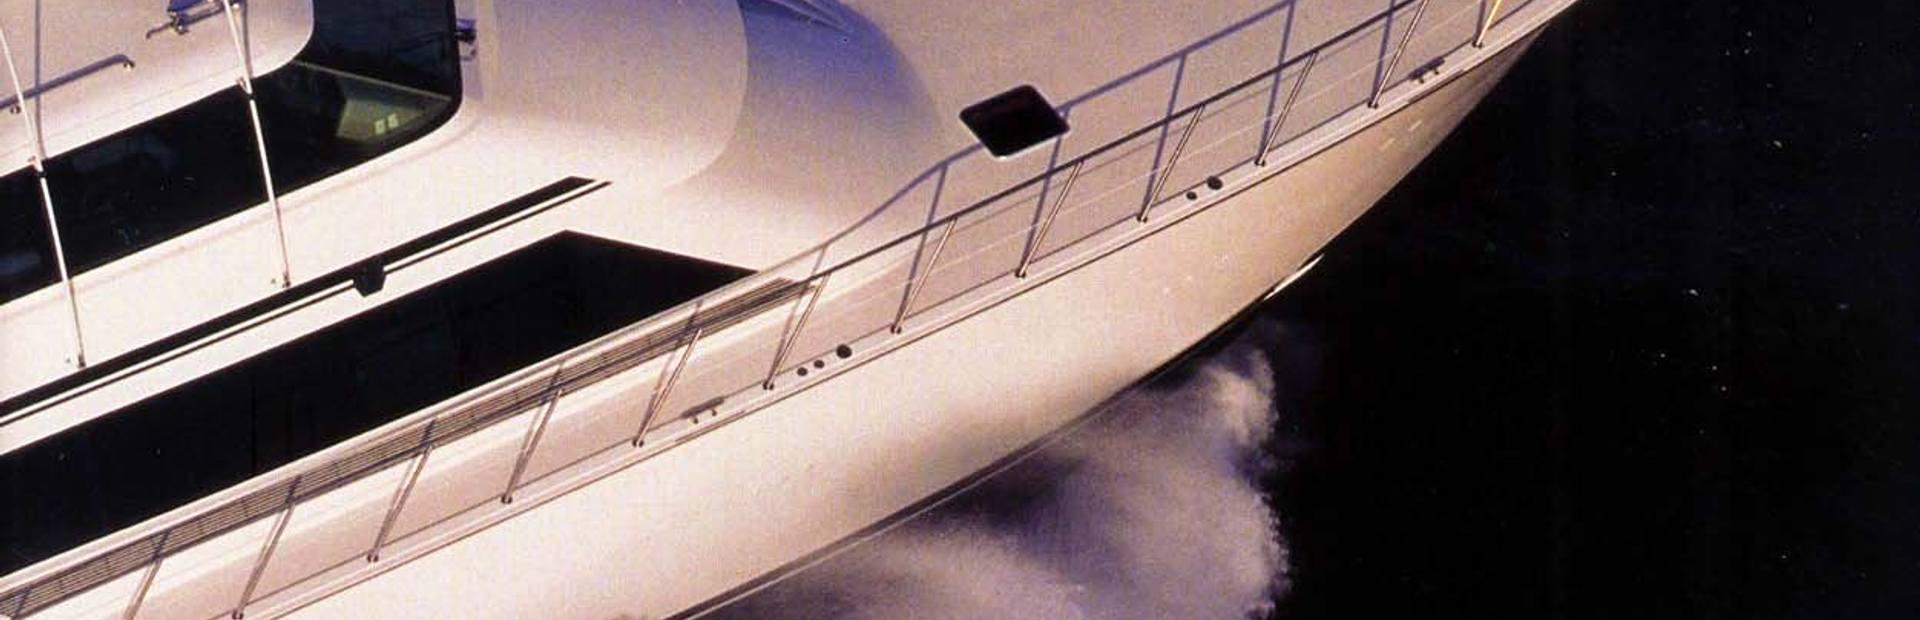 Hatteras 82 Convertible Yacht Charter